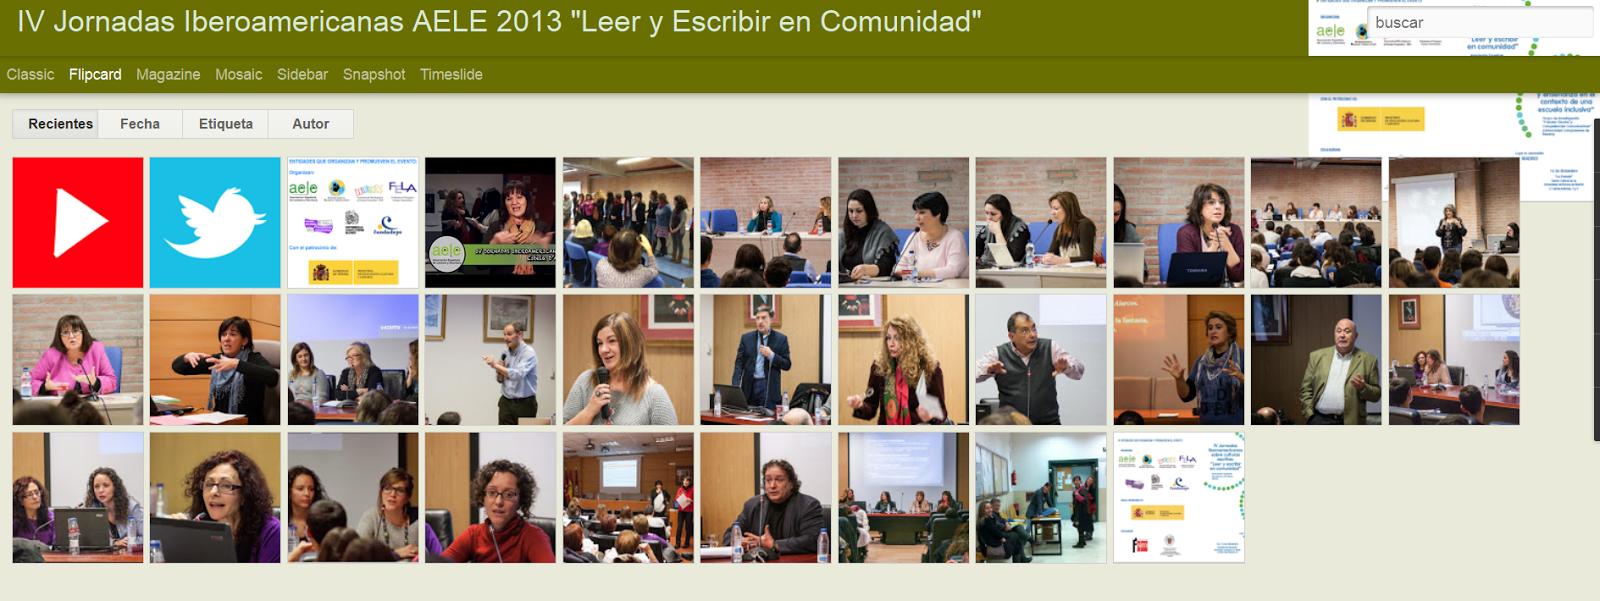 http://4jornadasaele.blogspot.com.es/